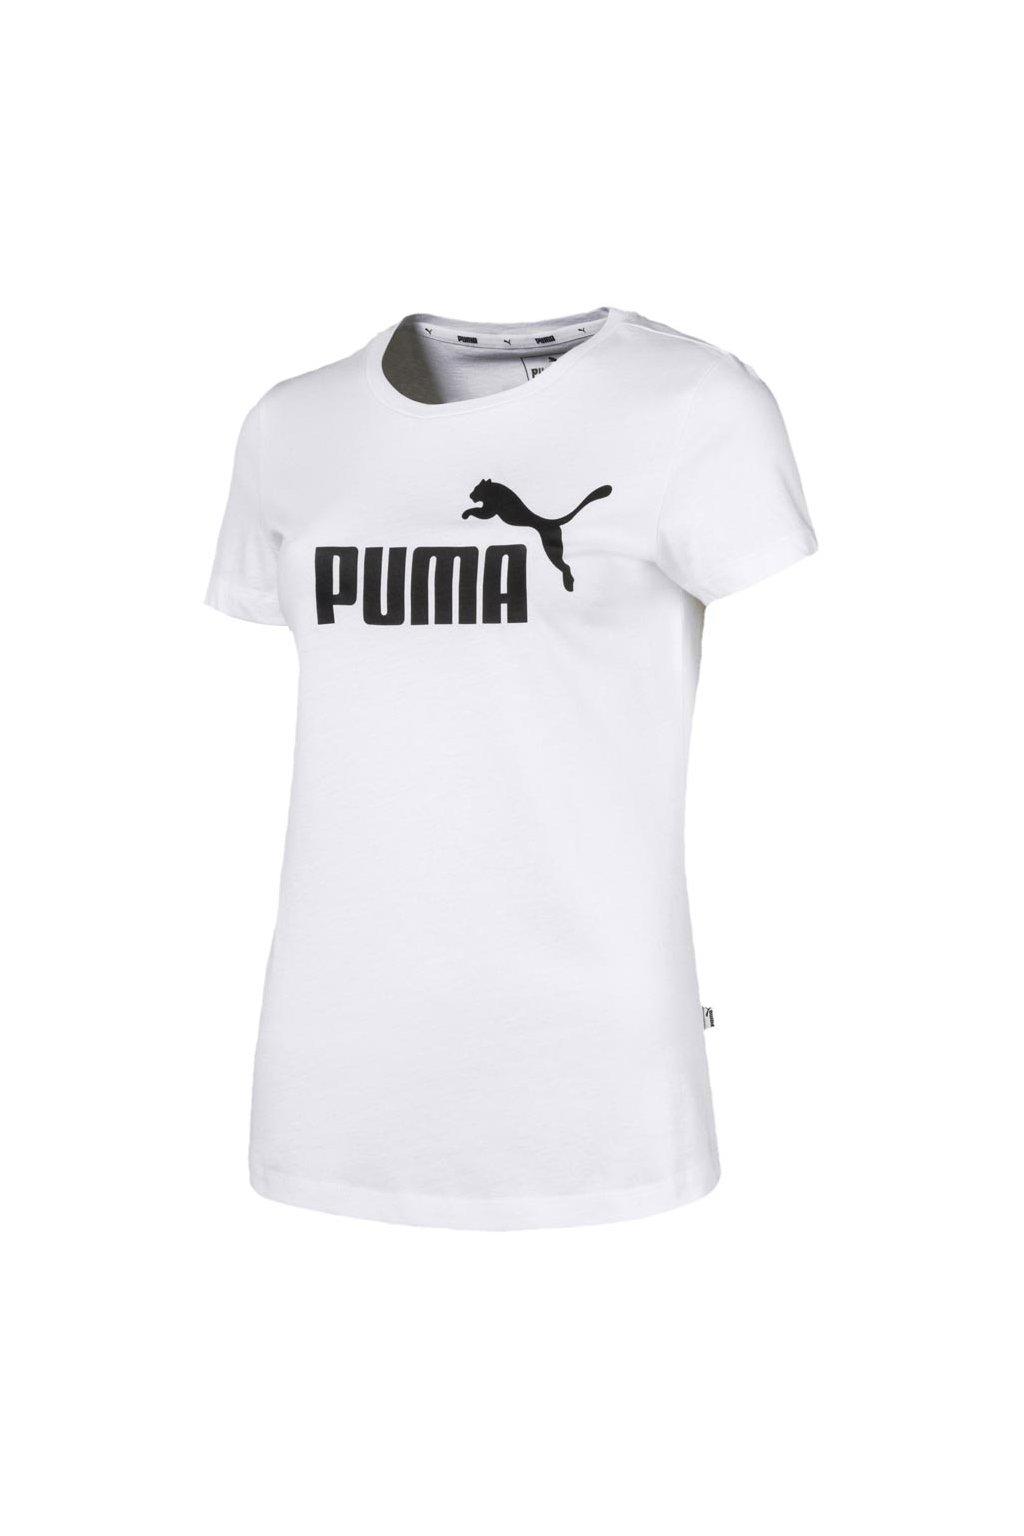 Dámske tričko Puma Ess Logo Tee biele 851787 02